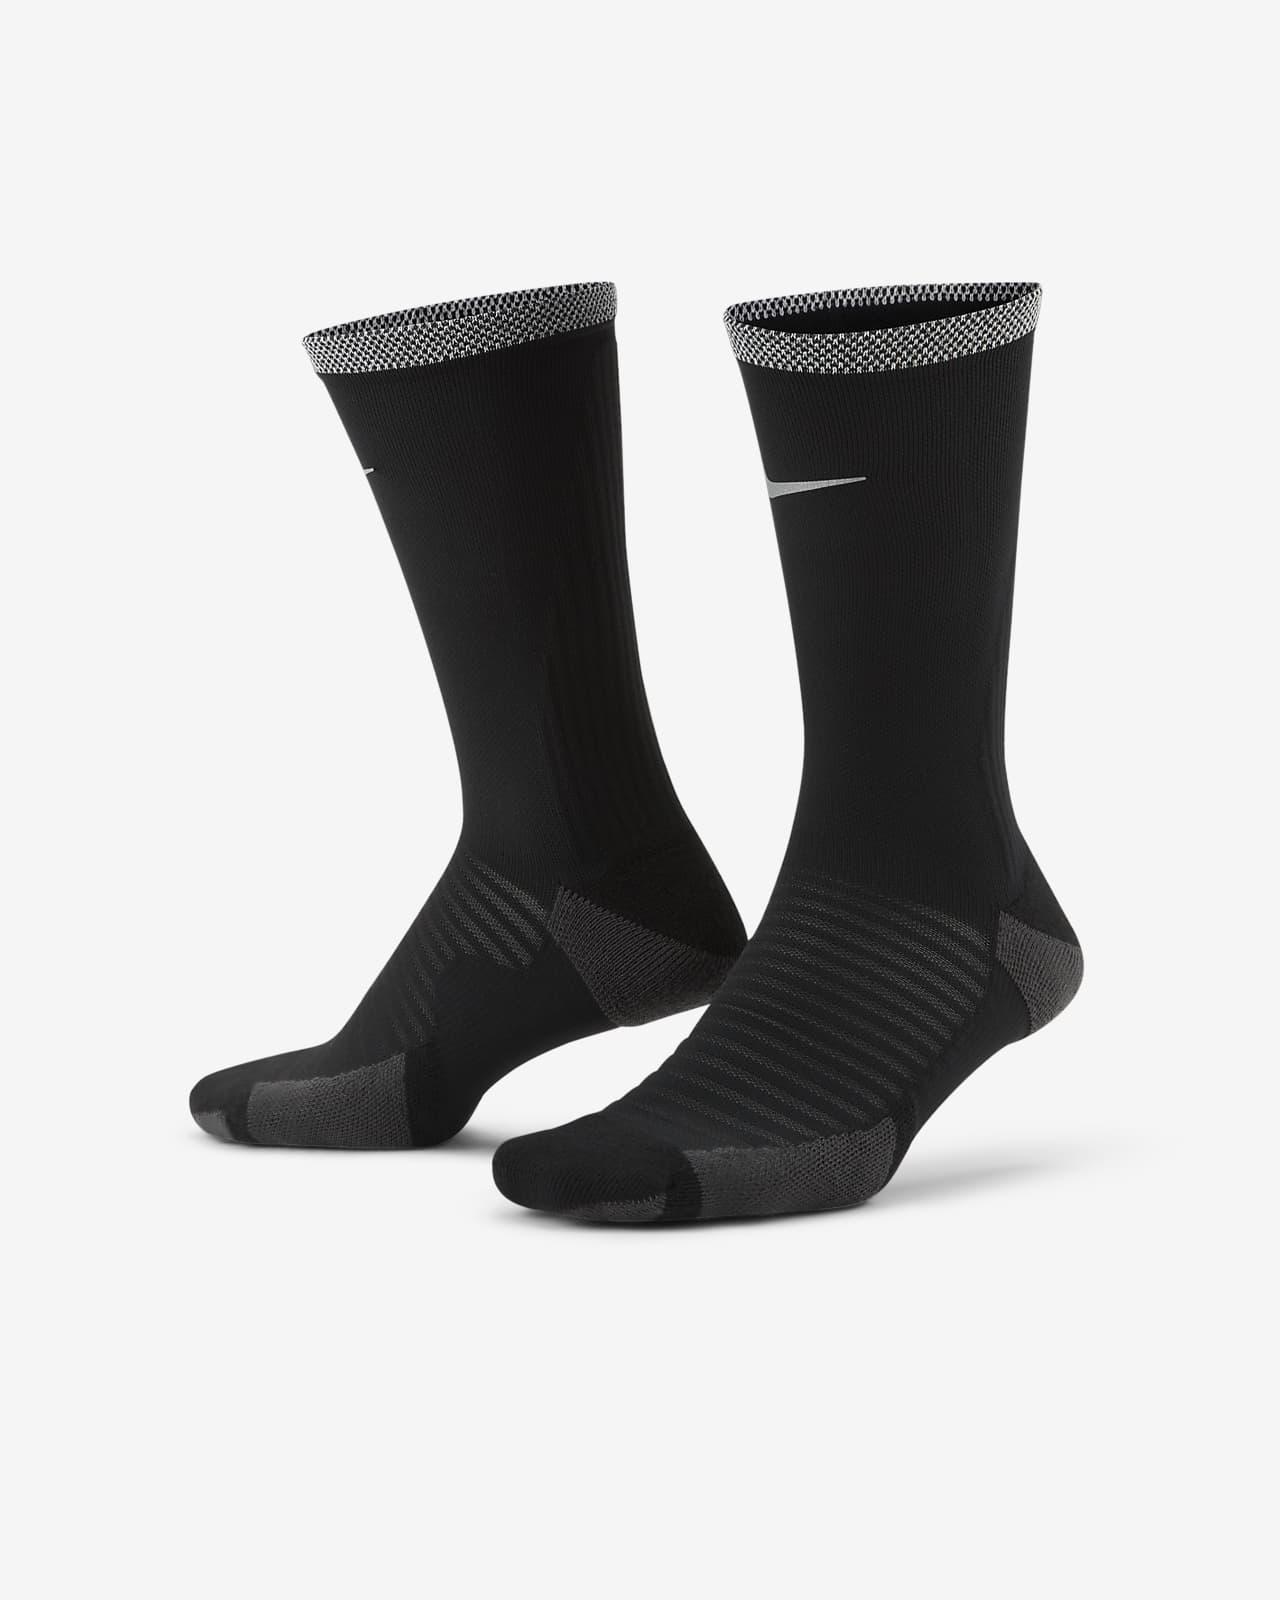 Chaussettes de running mi-mollet rembourrées Nike Spark